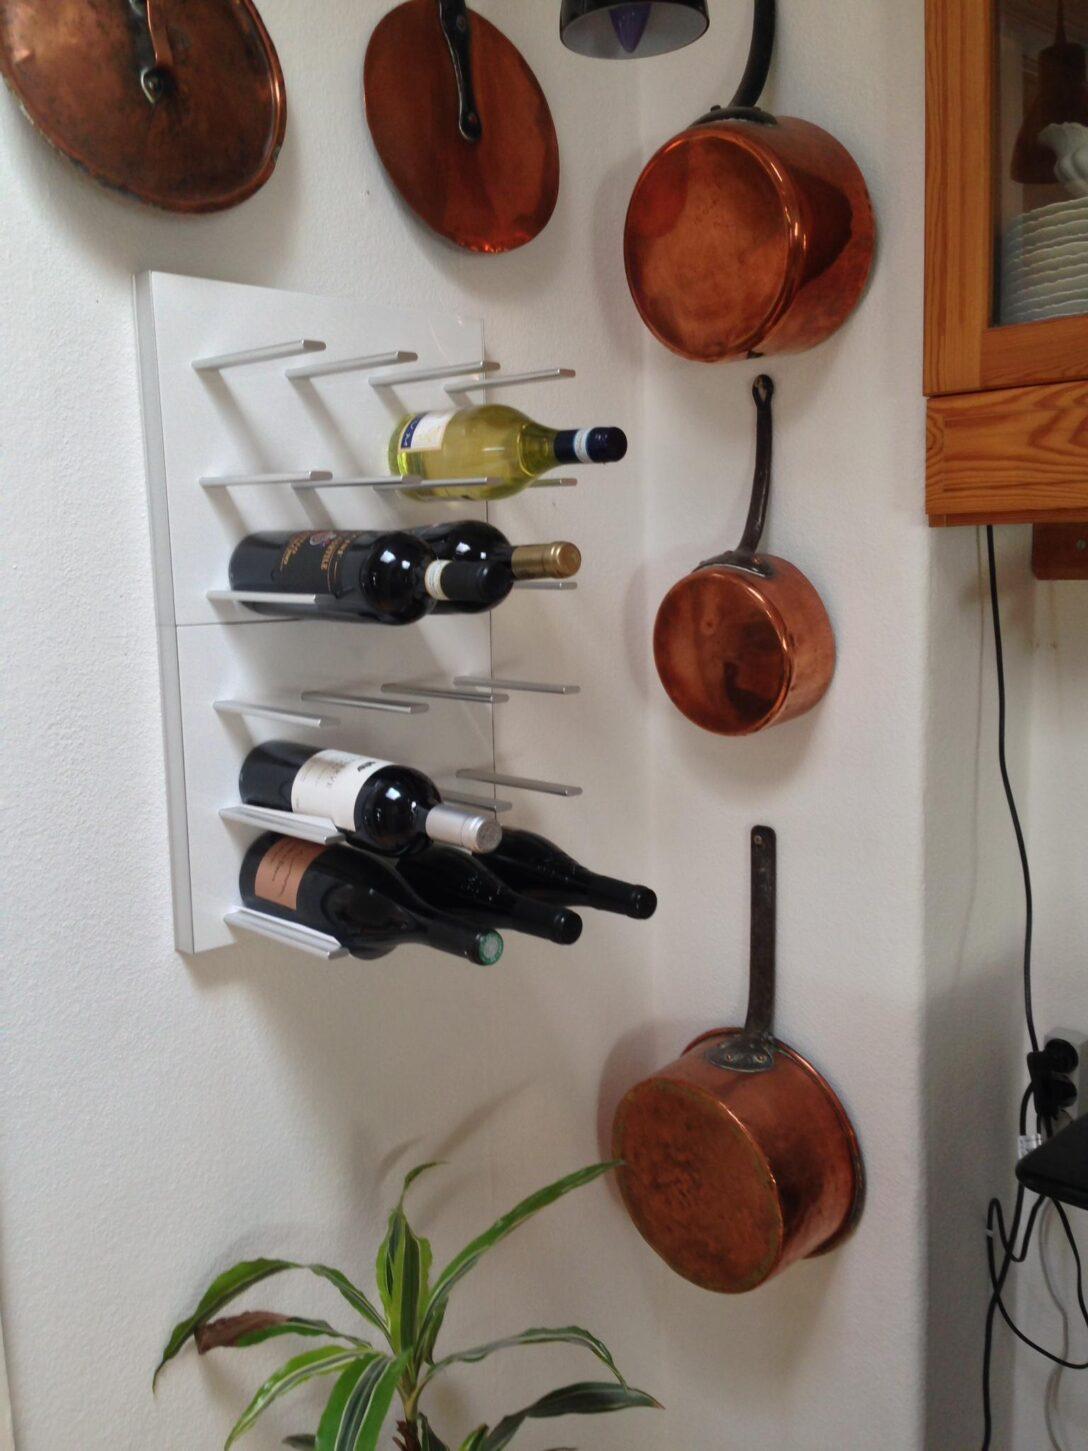 Large Size of Xqy Weinregale Weinregal Weinbar Moderne Flasche Metall An Der Wandtattoo Schlafzimmer Betten Massivholz Garten Trennwand Fenster Holz Alu Wand Regal Esstisch Wohnzimmer Weinregal Holz Wand